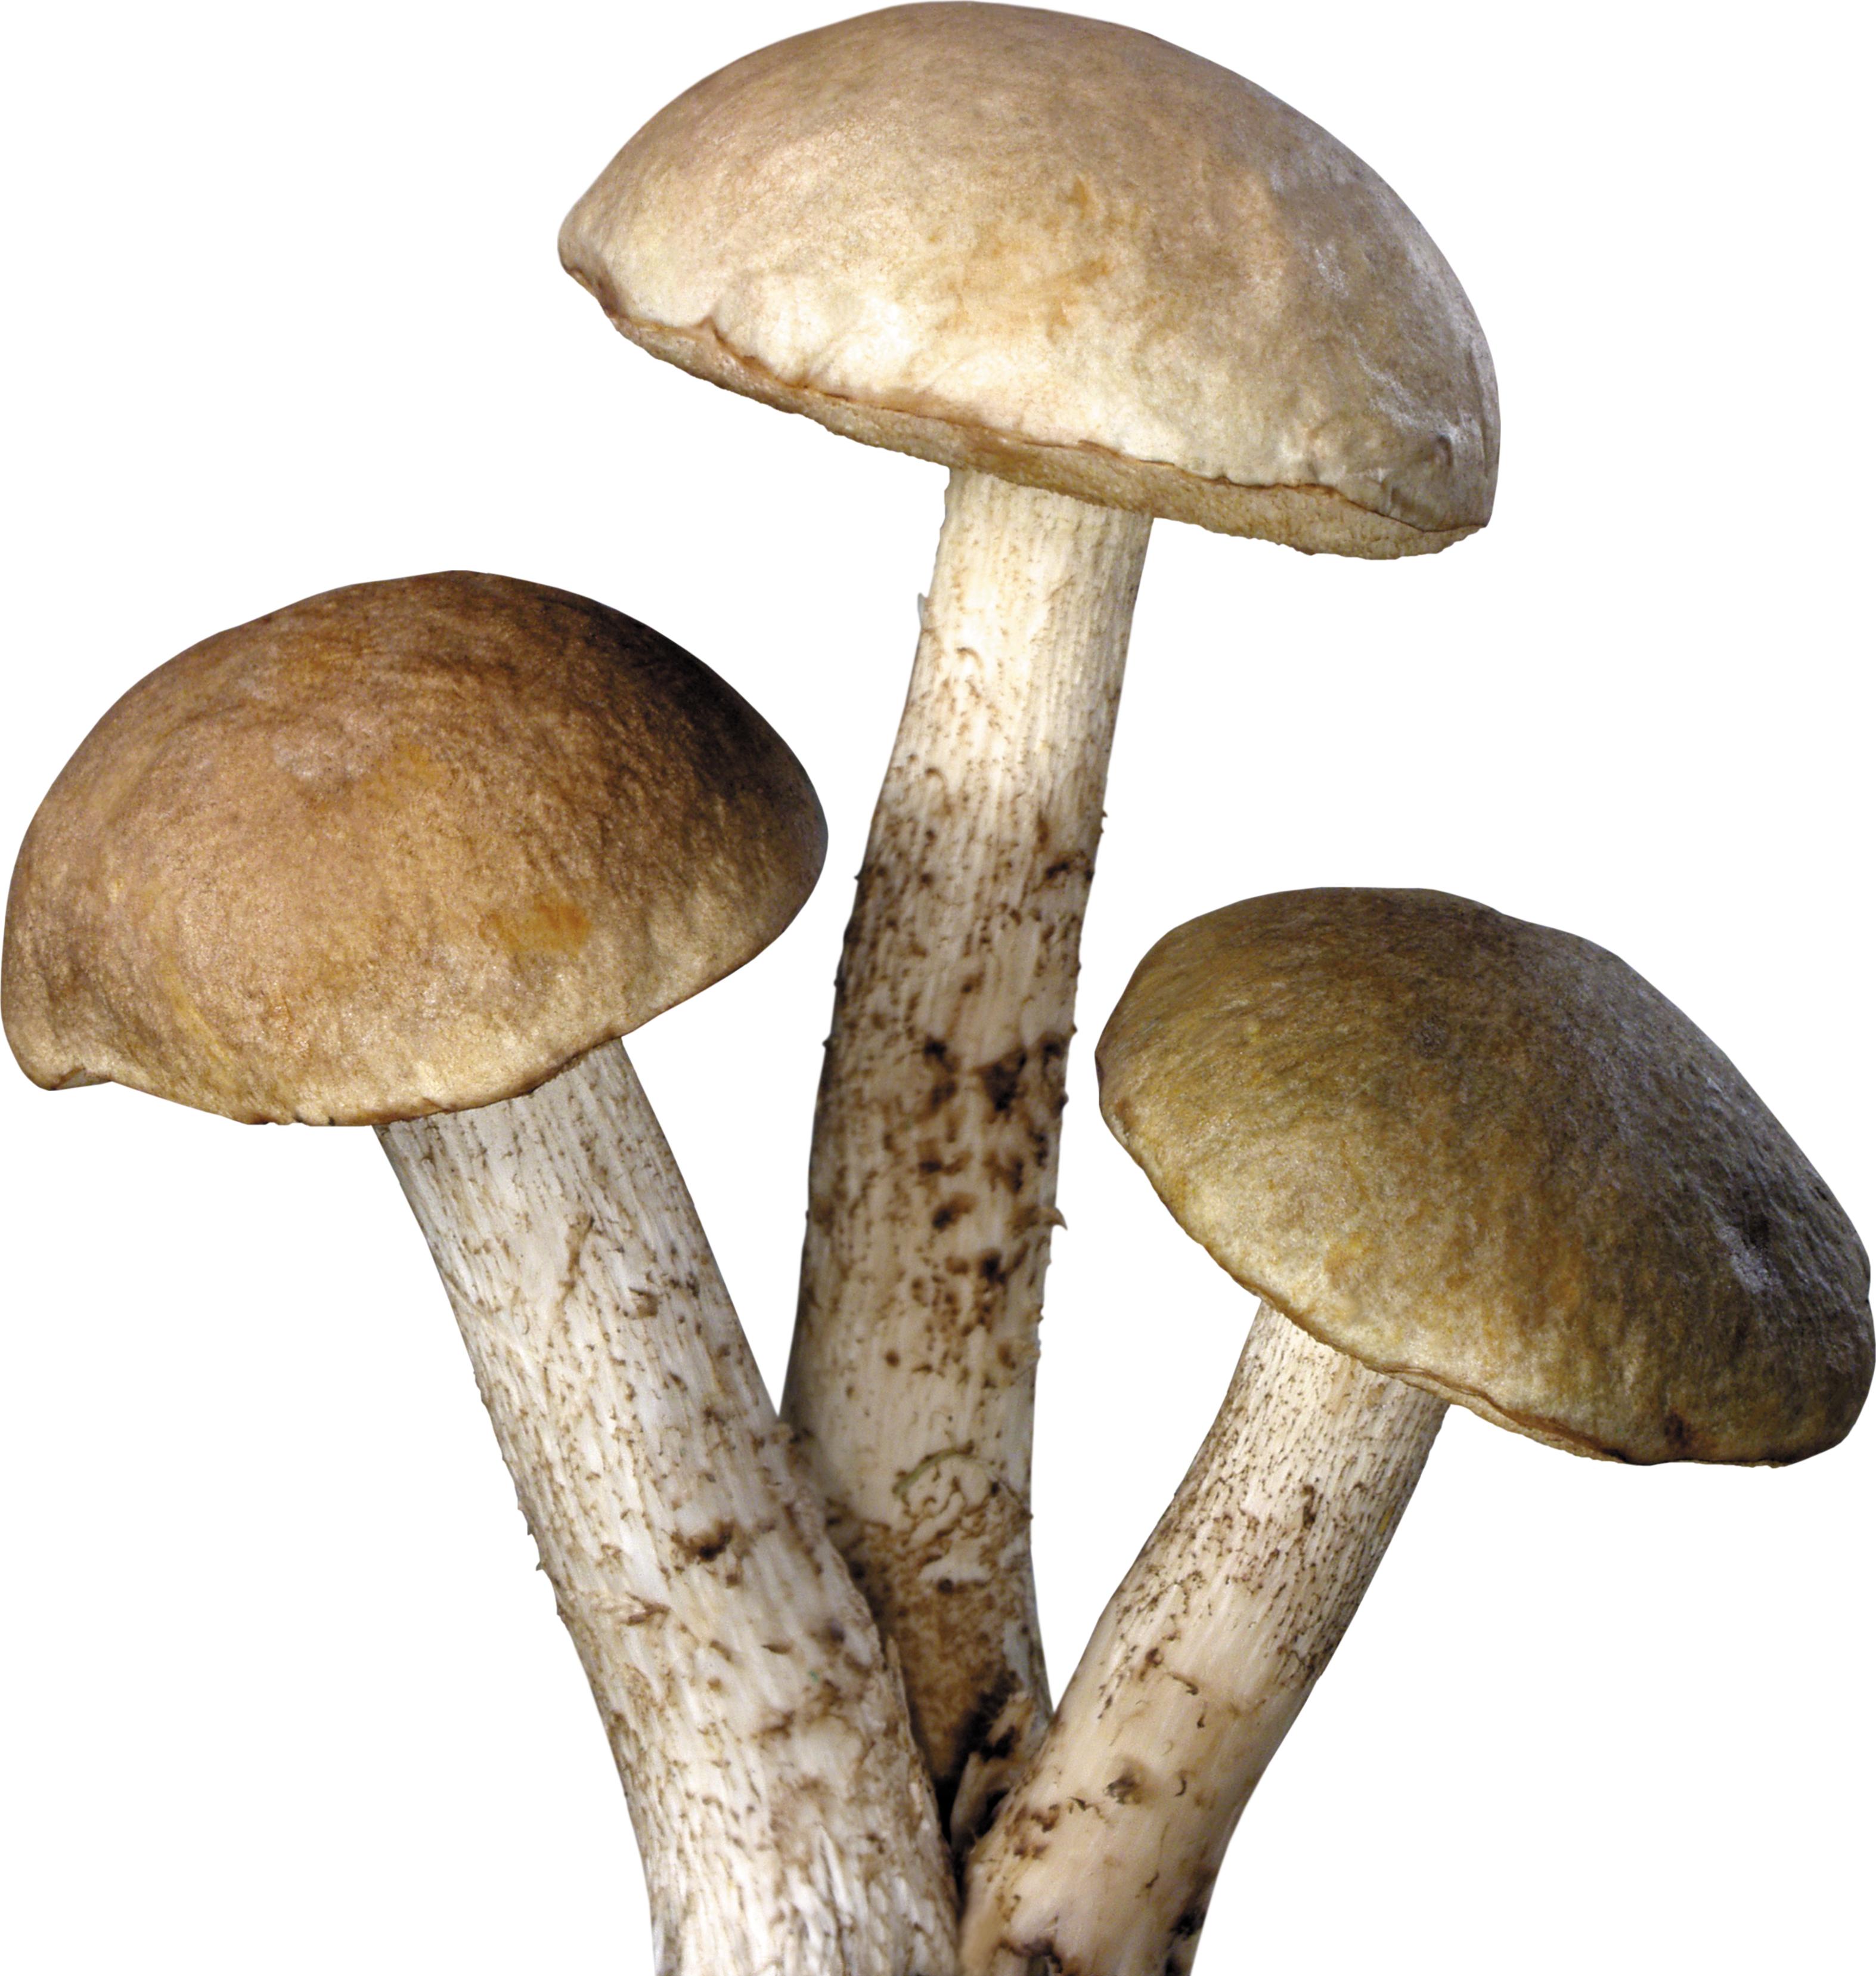 Three tree Mushrooms